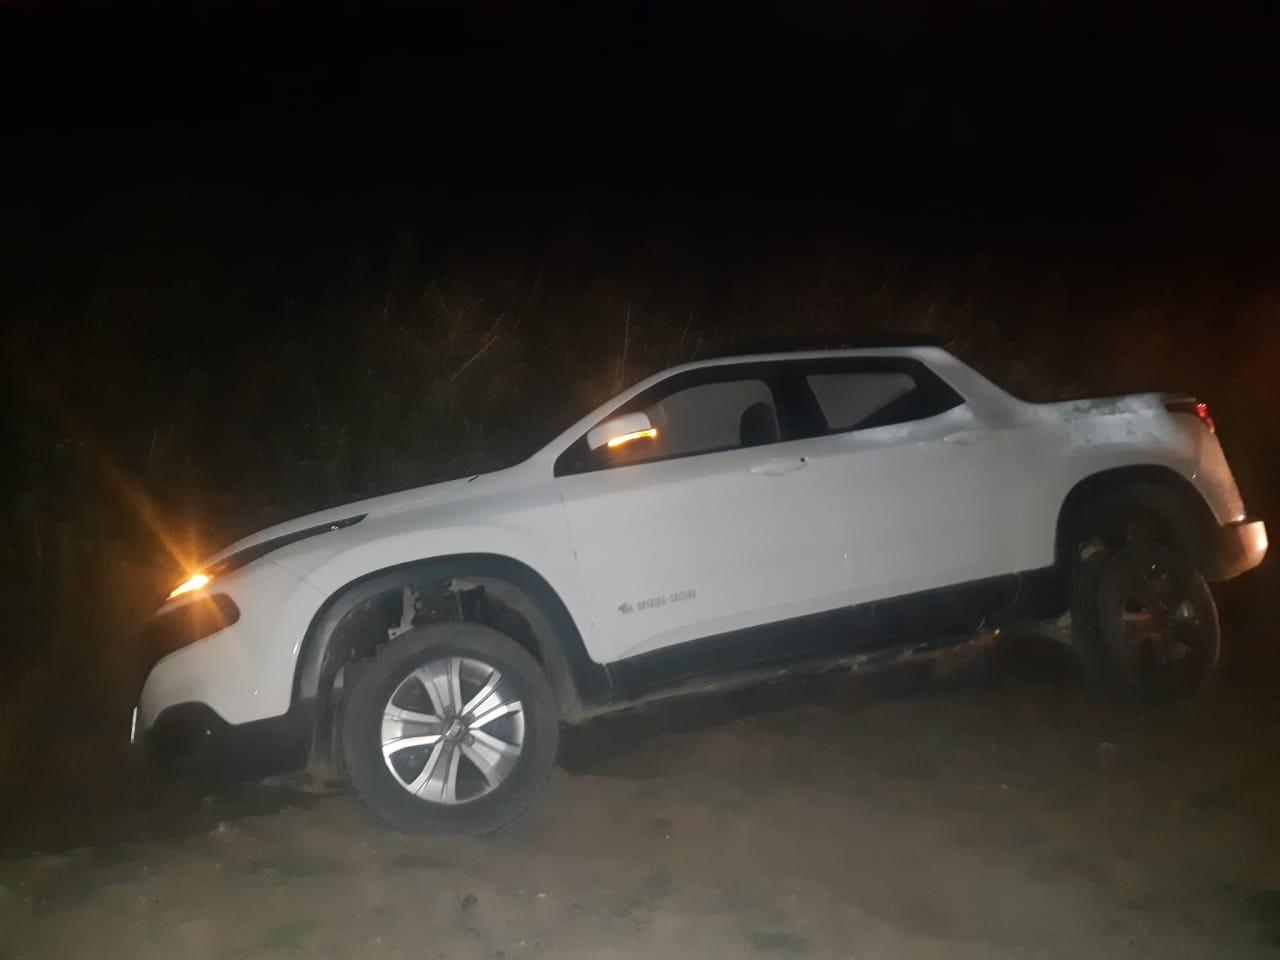 Acidente deixa feridos na BR-262 em Nova Serrana; motorista tinha sintomas em embriaguez e foi detido - Notícias - Plantão Diário